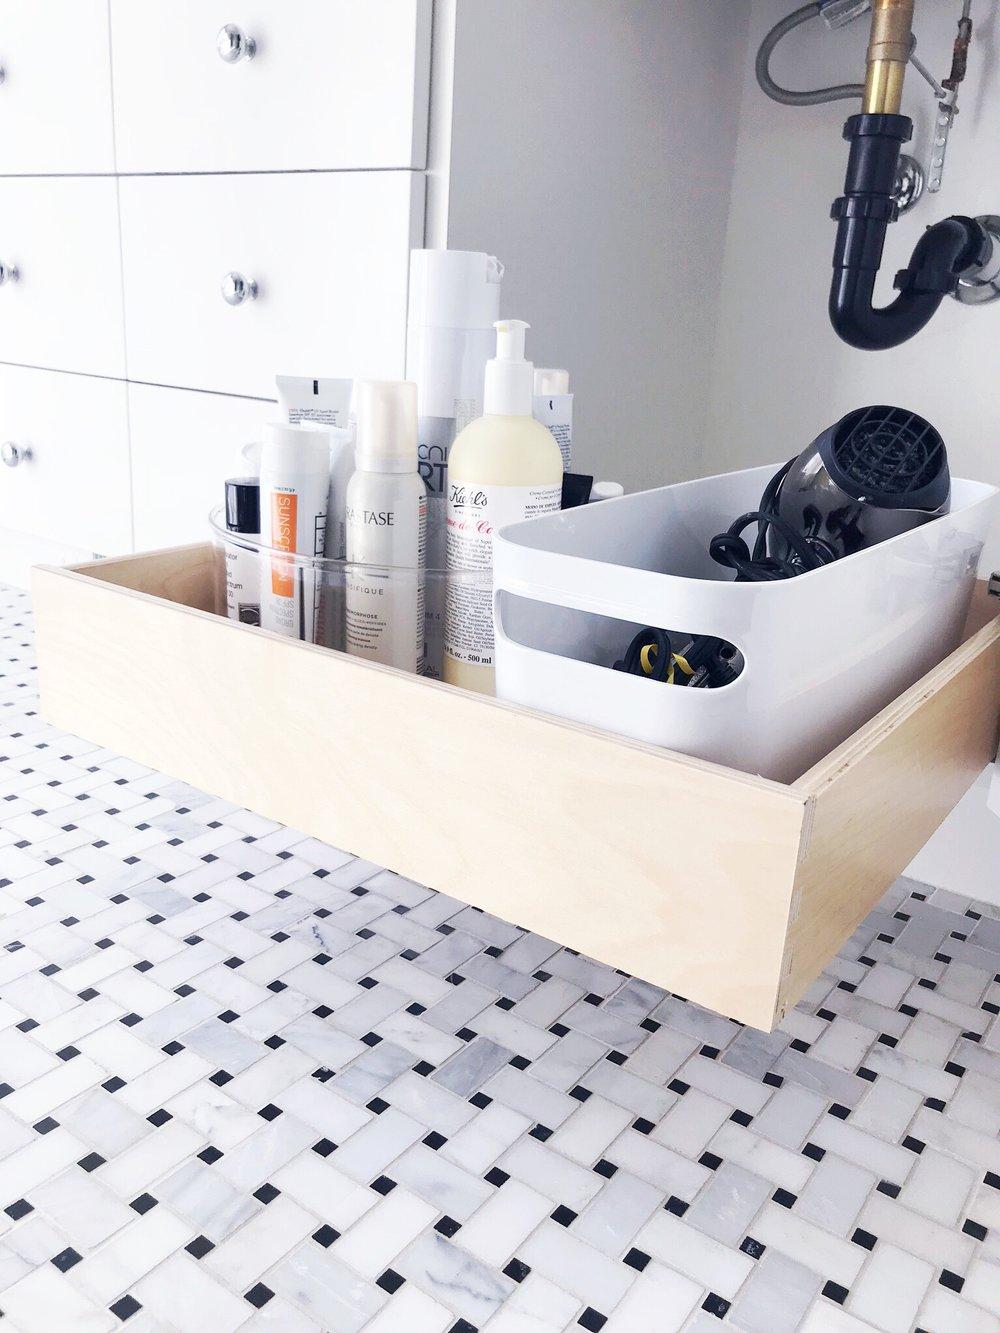 RiOrganize Bathroom Organization